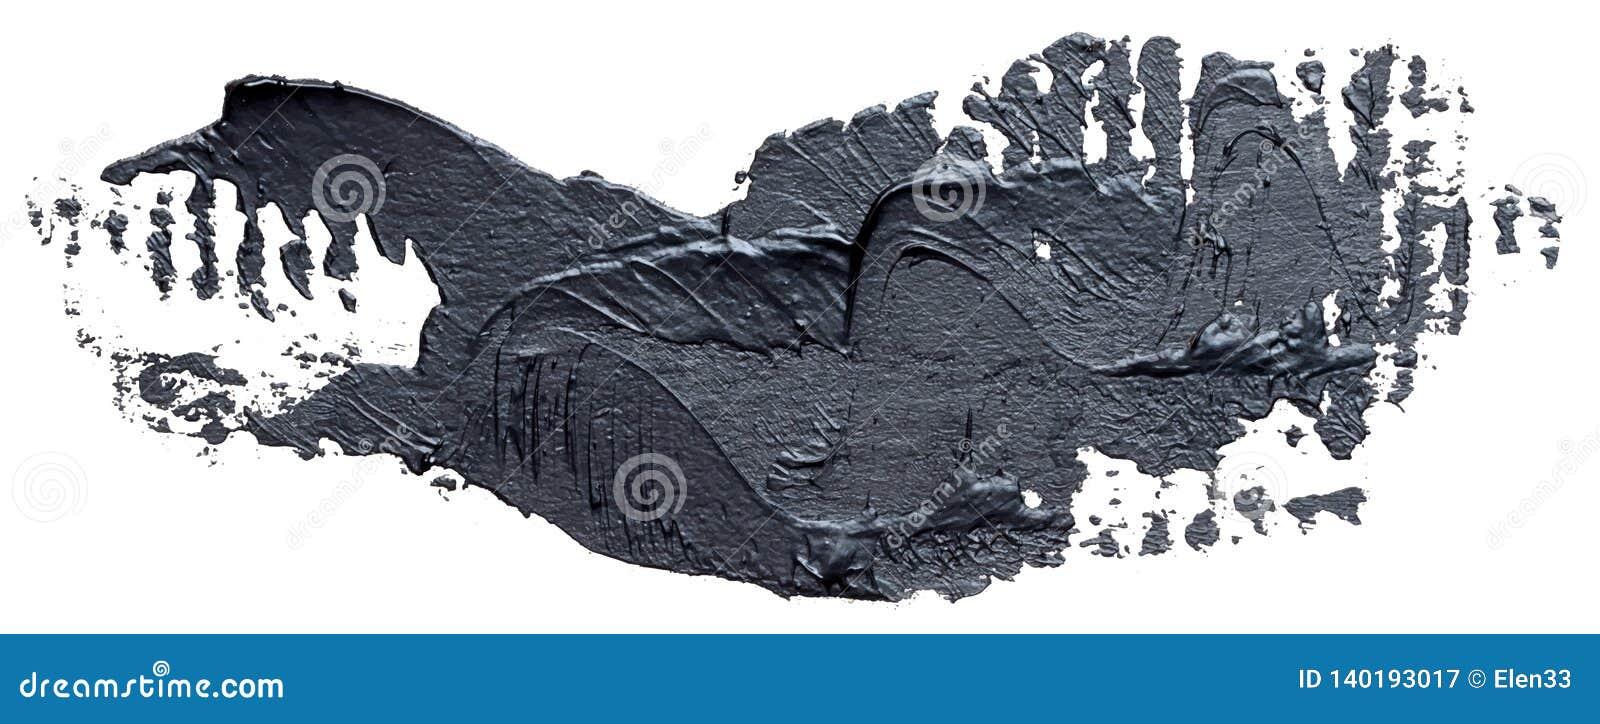 Textured czarny nafcianej farby muśnięcia uderzenie, odosobniony